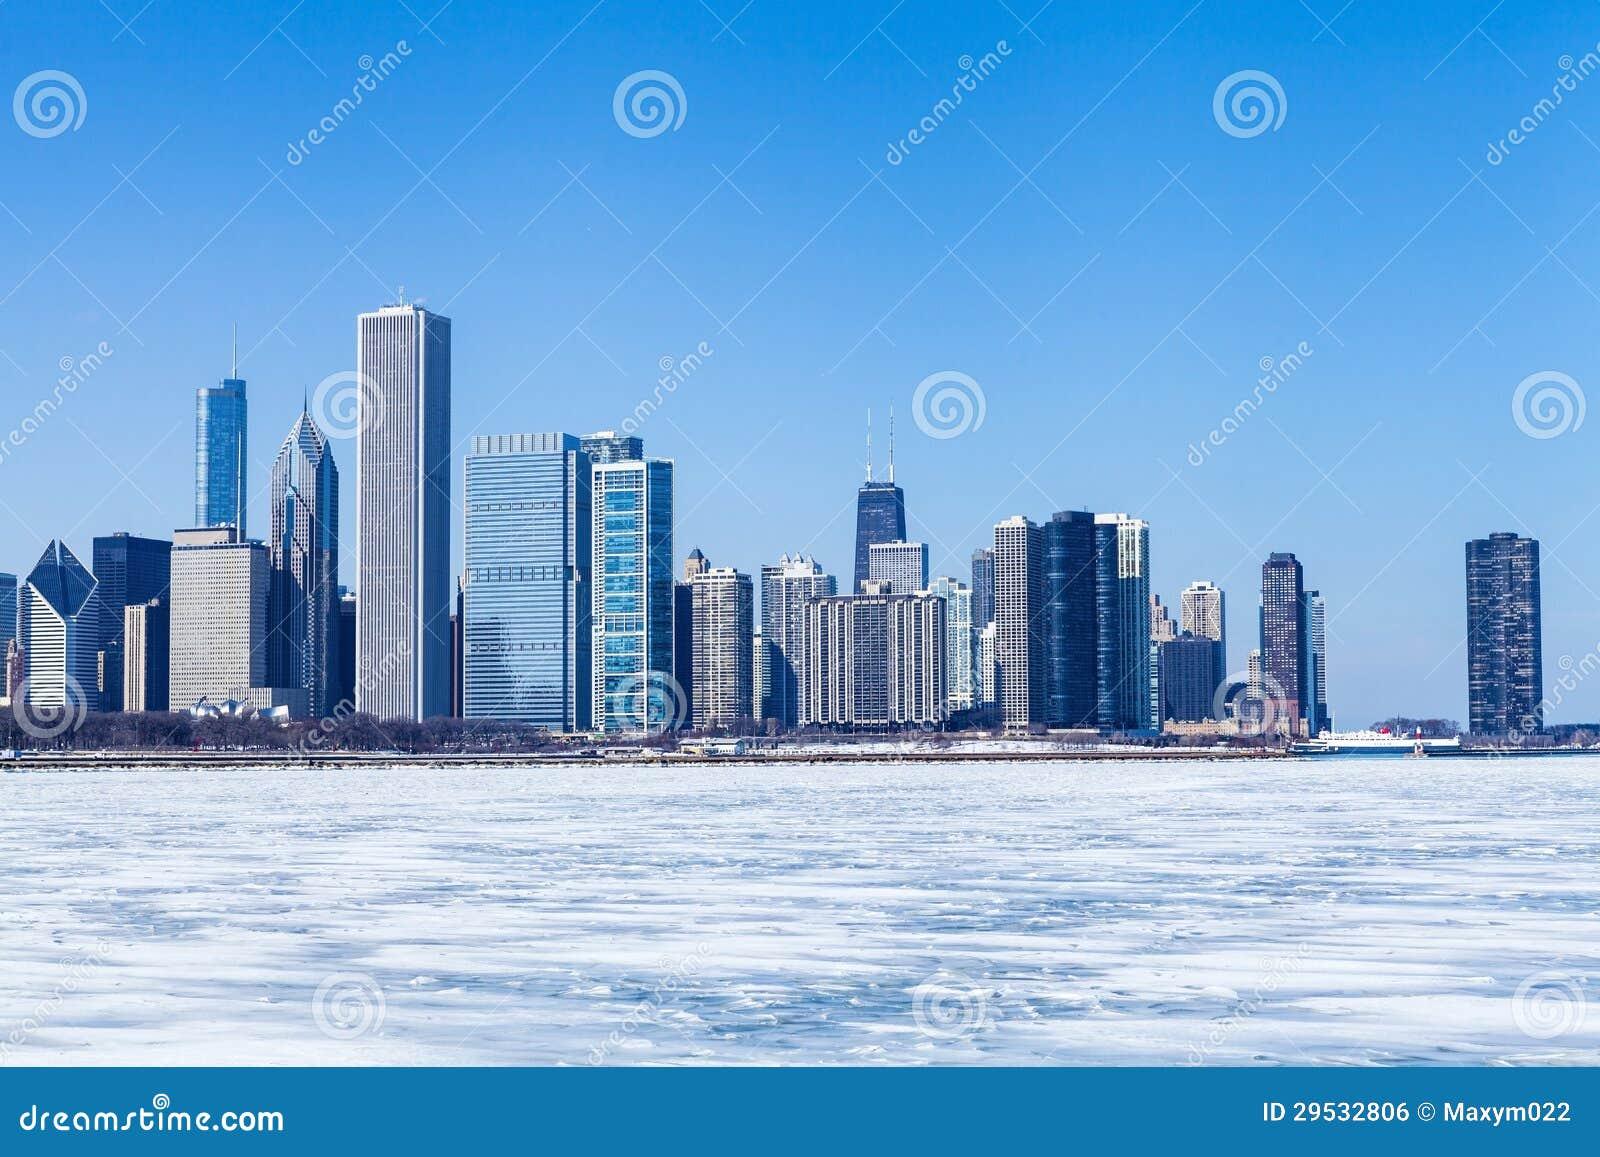 Arquitectura da cidade de Chicago no inverno